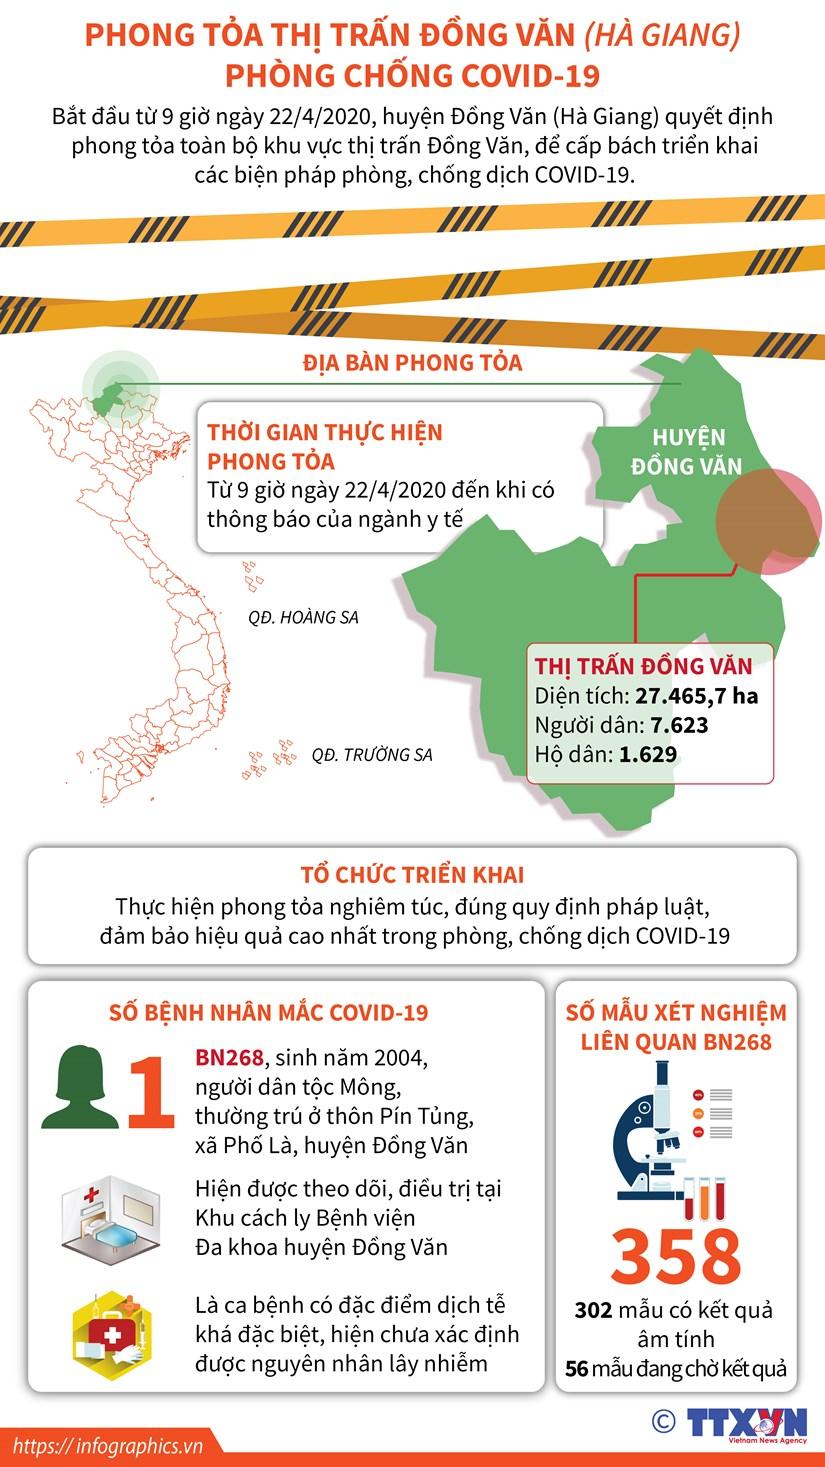 [Infographics] Ha Giang: Phong toa thi tran Dong Van chong COVID-19 hinh anh 1